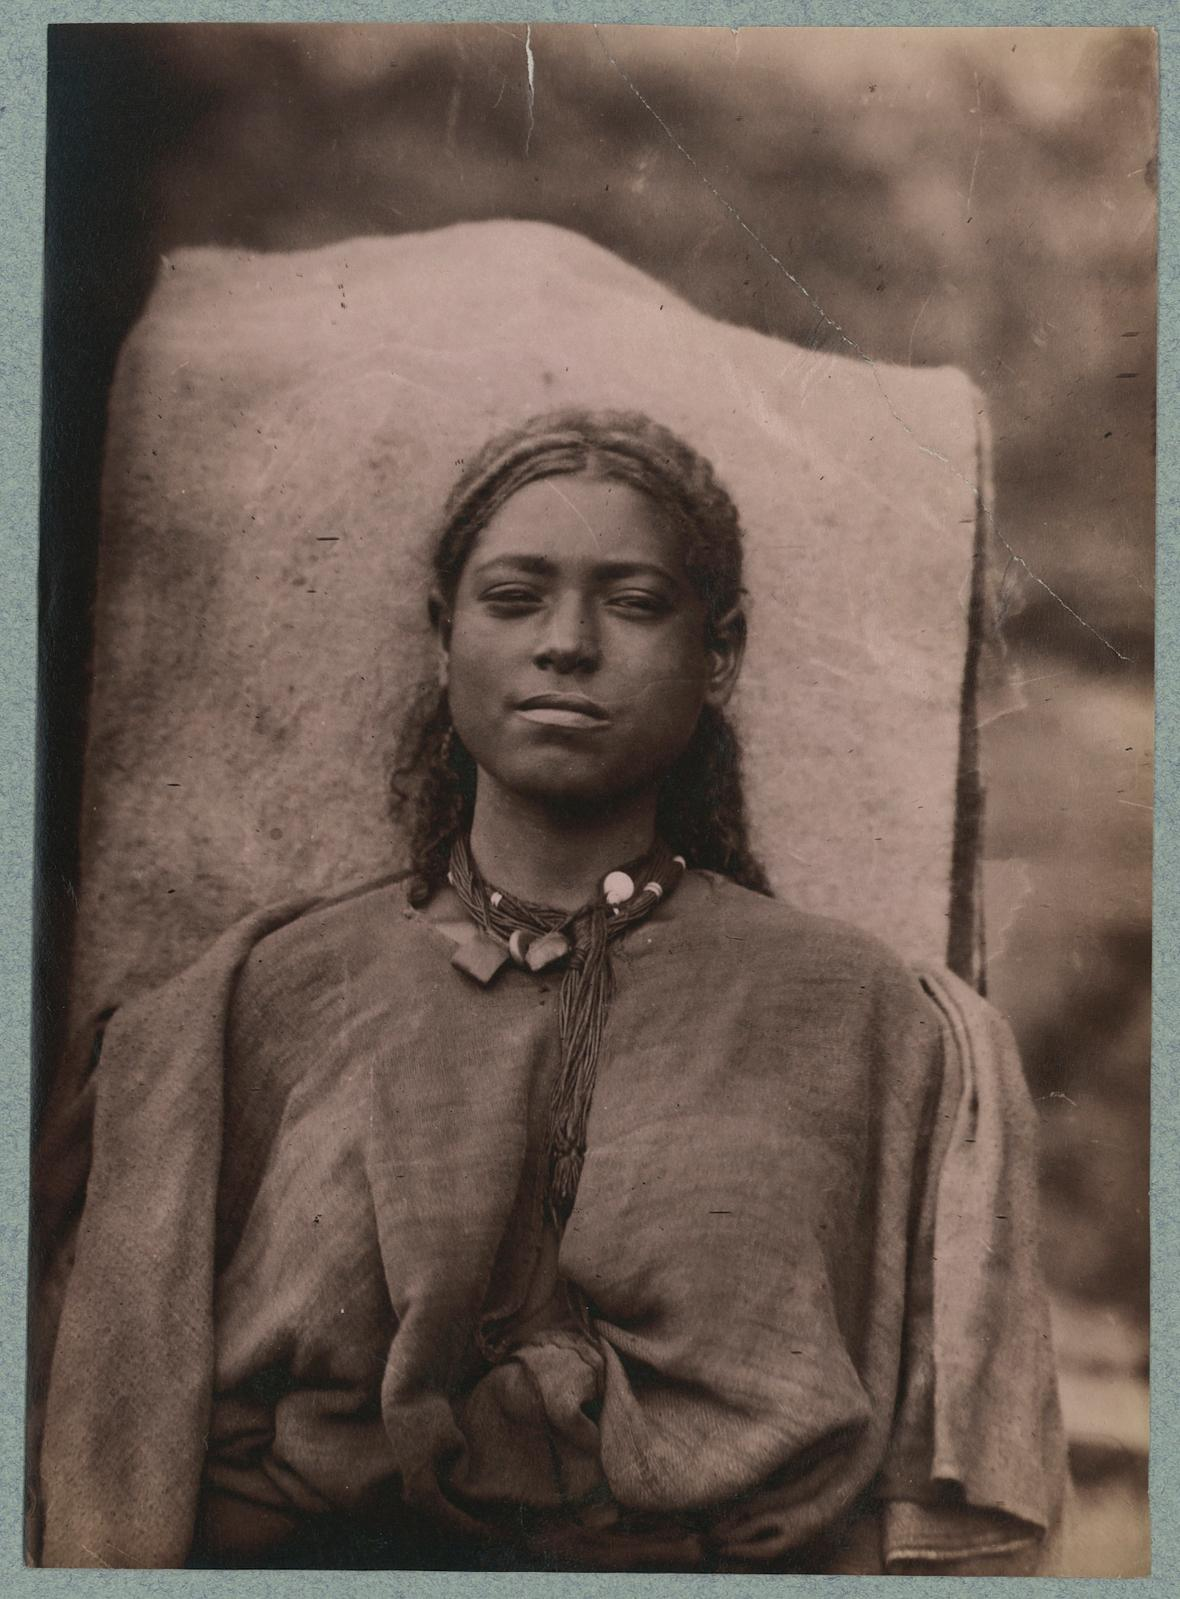 Jules Borelli(1852-1941), Portrait d'une jeune femme, Éthiopie, septembre1885-novembre1888, tirage sur papier albuminé, 16,7x12cm. ©